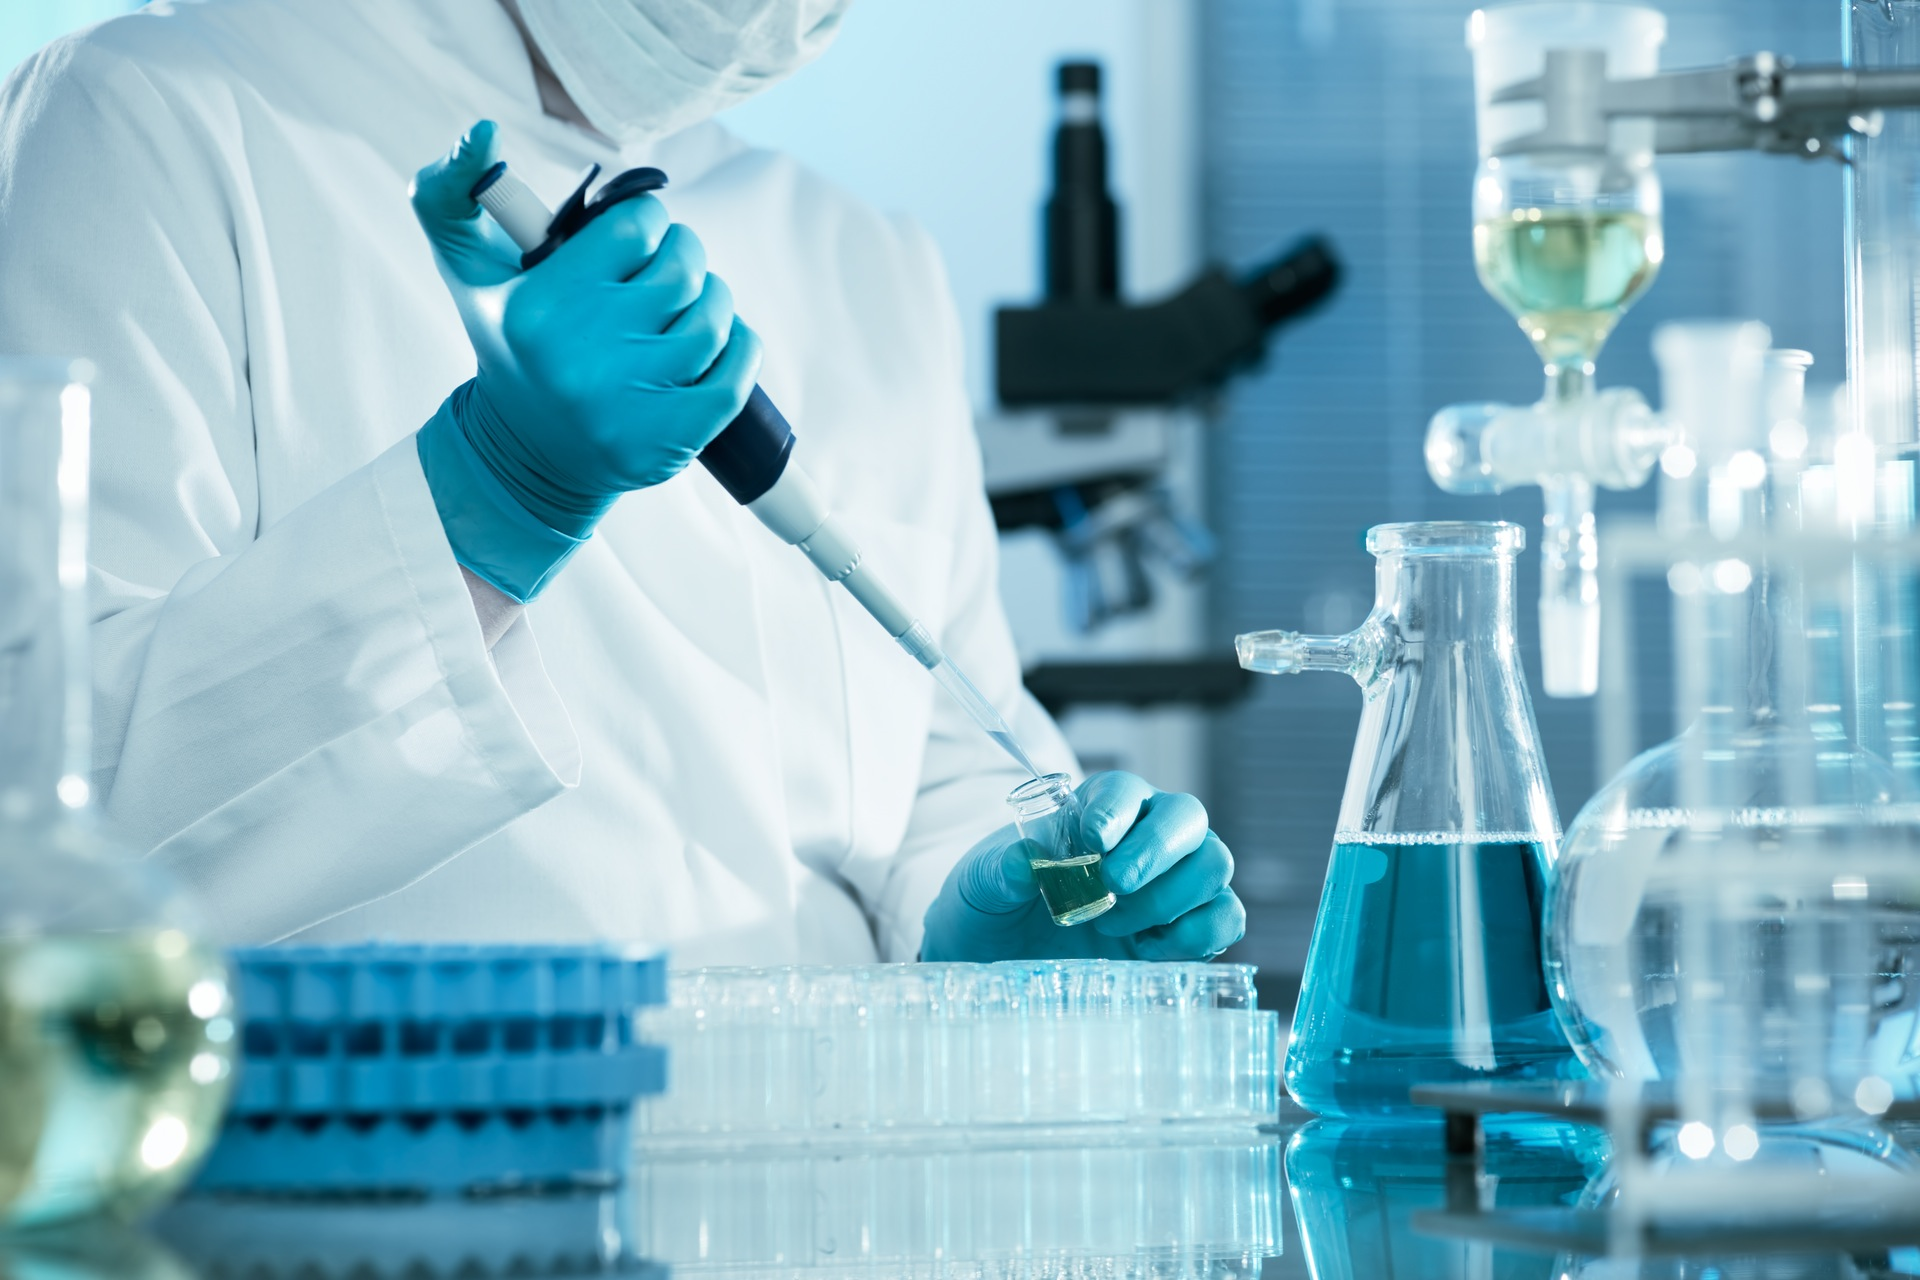 Εργαστήριο, Έρευνα, Χημεία, ιατρική, Επιστήμη, σιφώνιο, φιάλη των, δοκιμαστικό σωλήνα, γάντια, τα χέρια - Wallpapers HD - Professor-falken.com